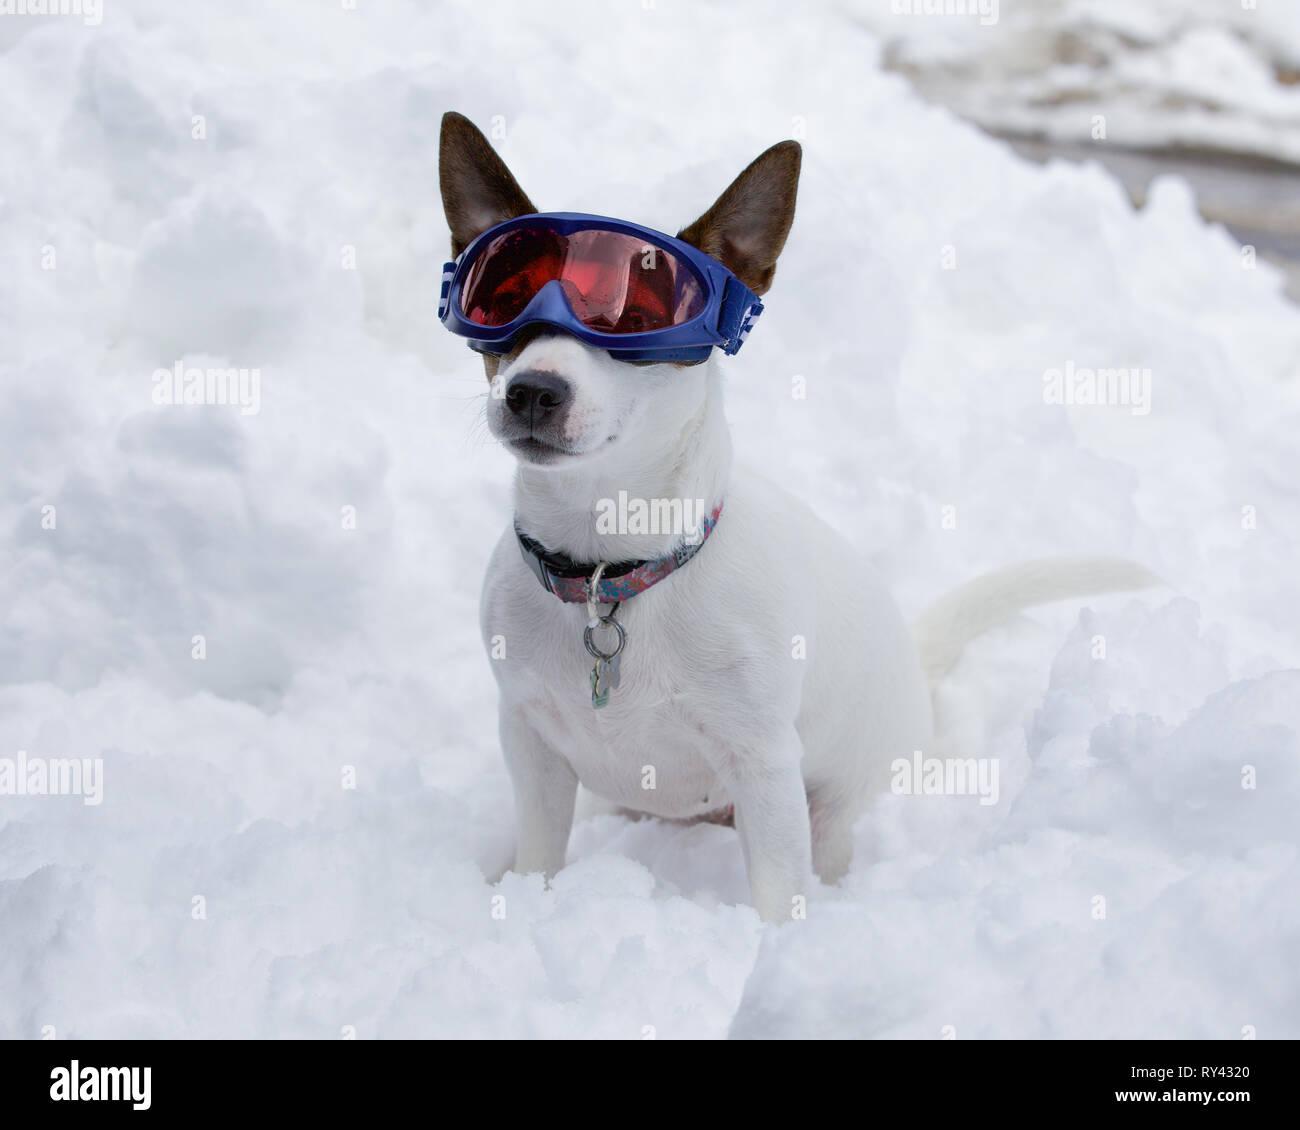 Per la maggior parte piccoli white Jack Russell Terrier dog sitter in neve indossando blu occhiali da sci in una fredda giornata invernale Immagini Stock